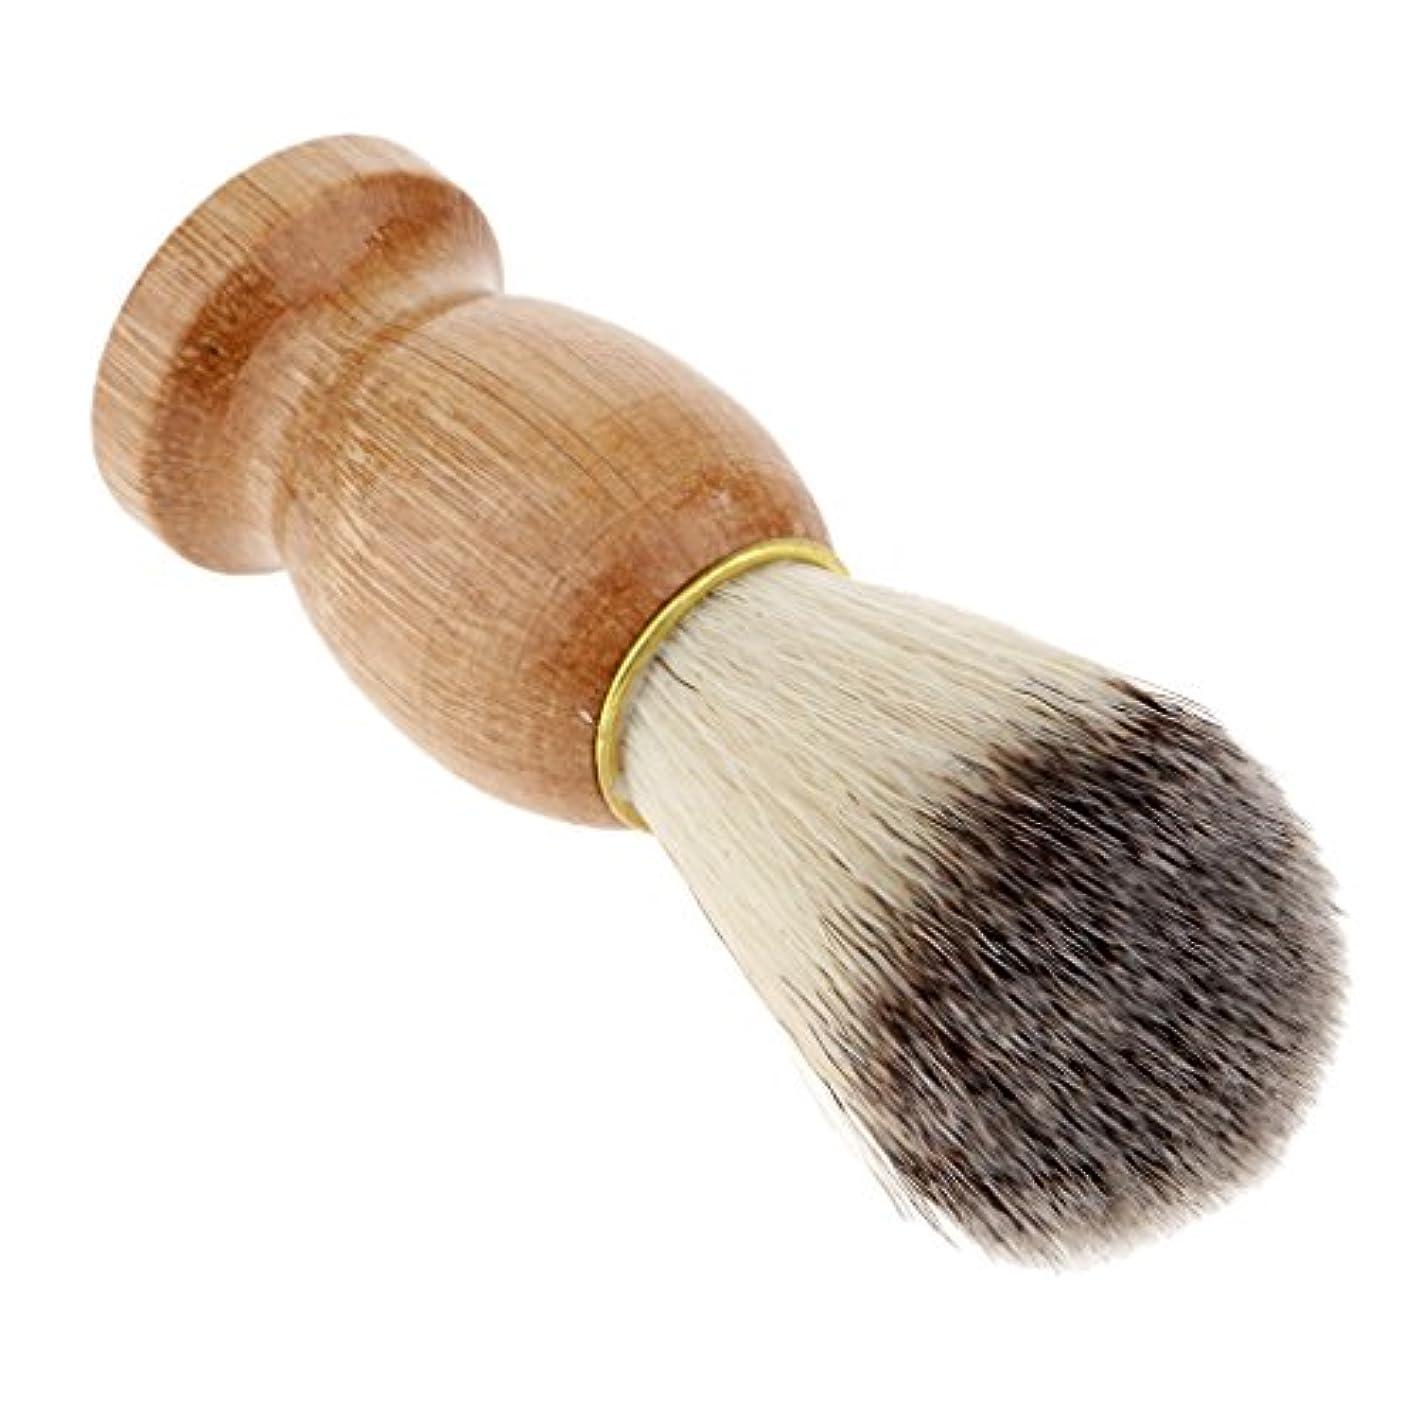 反響する俳句バックアップFenteer シェービングブラシ 木製ハンドル 男性 ひげ剃りブラシ ひげ クレンジング